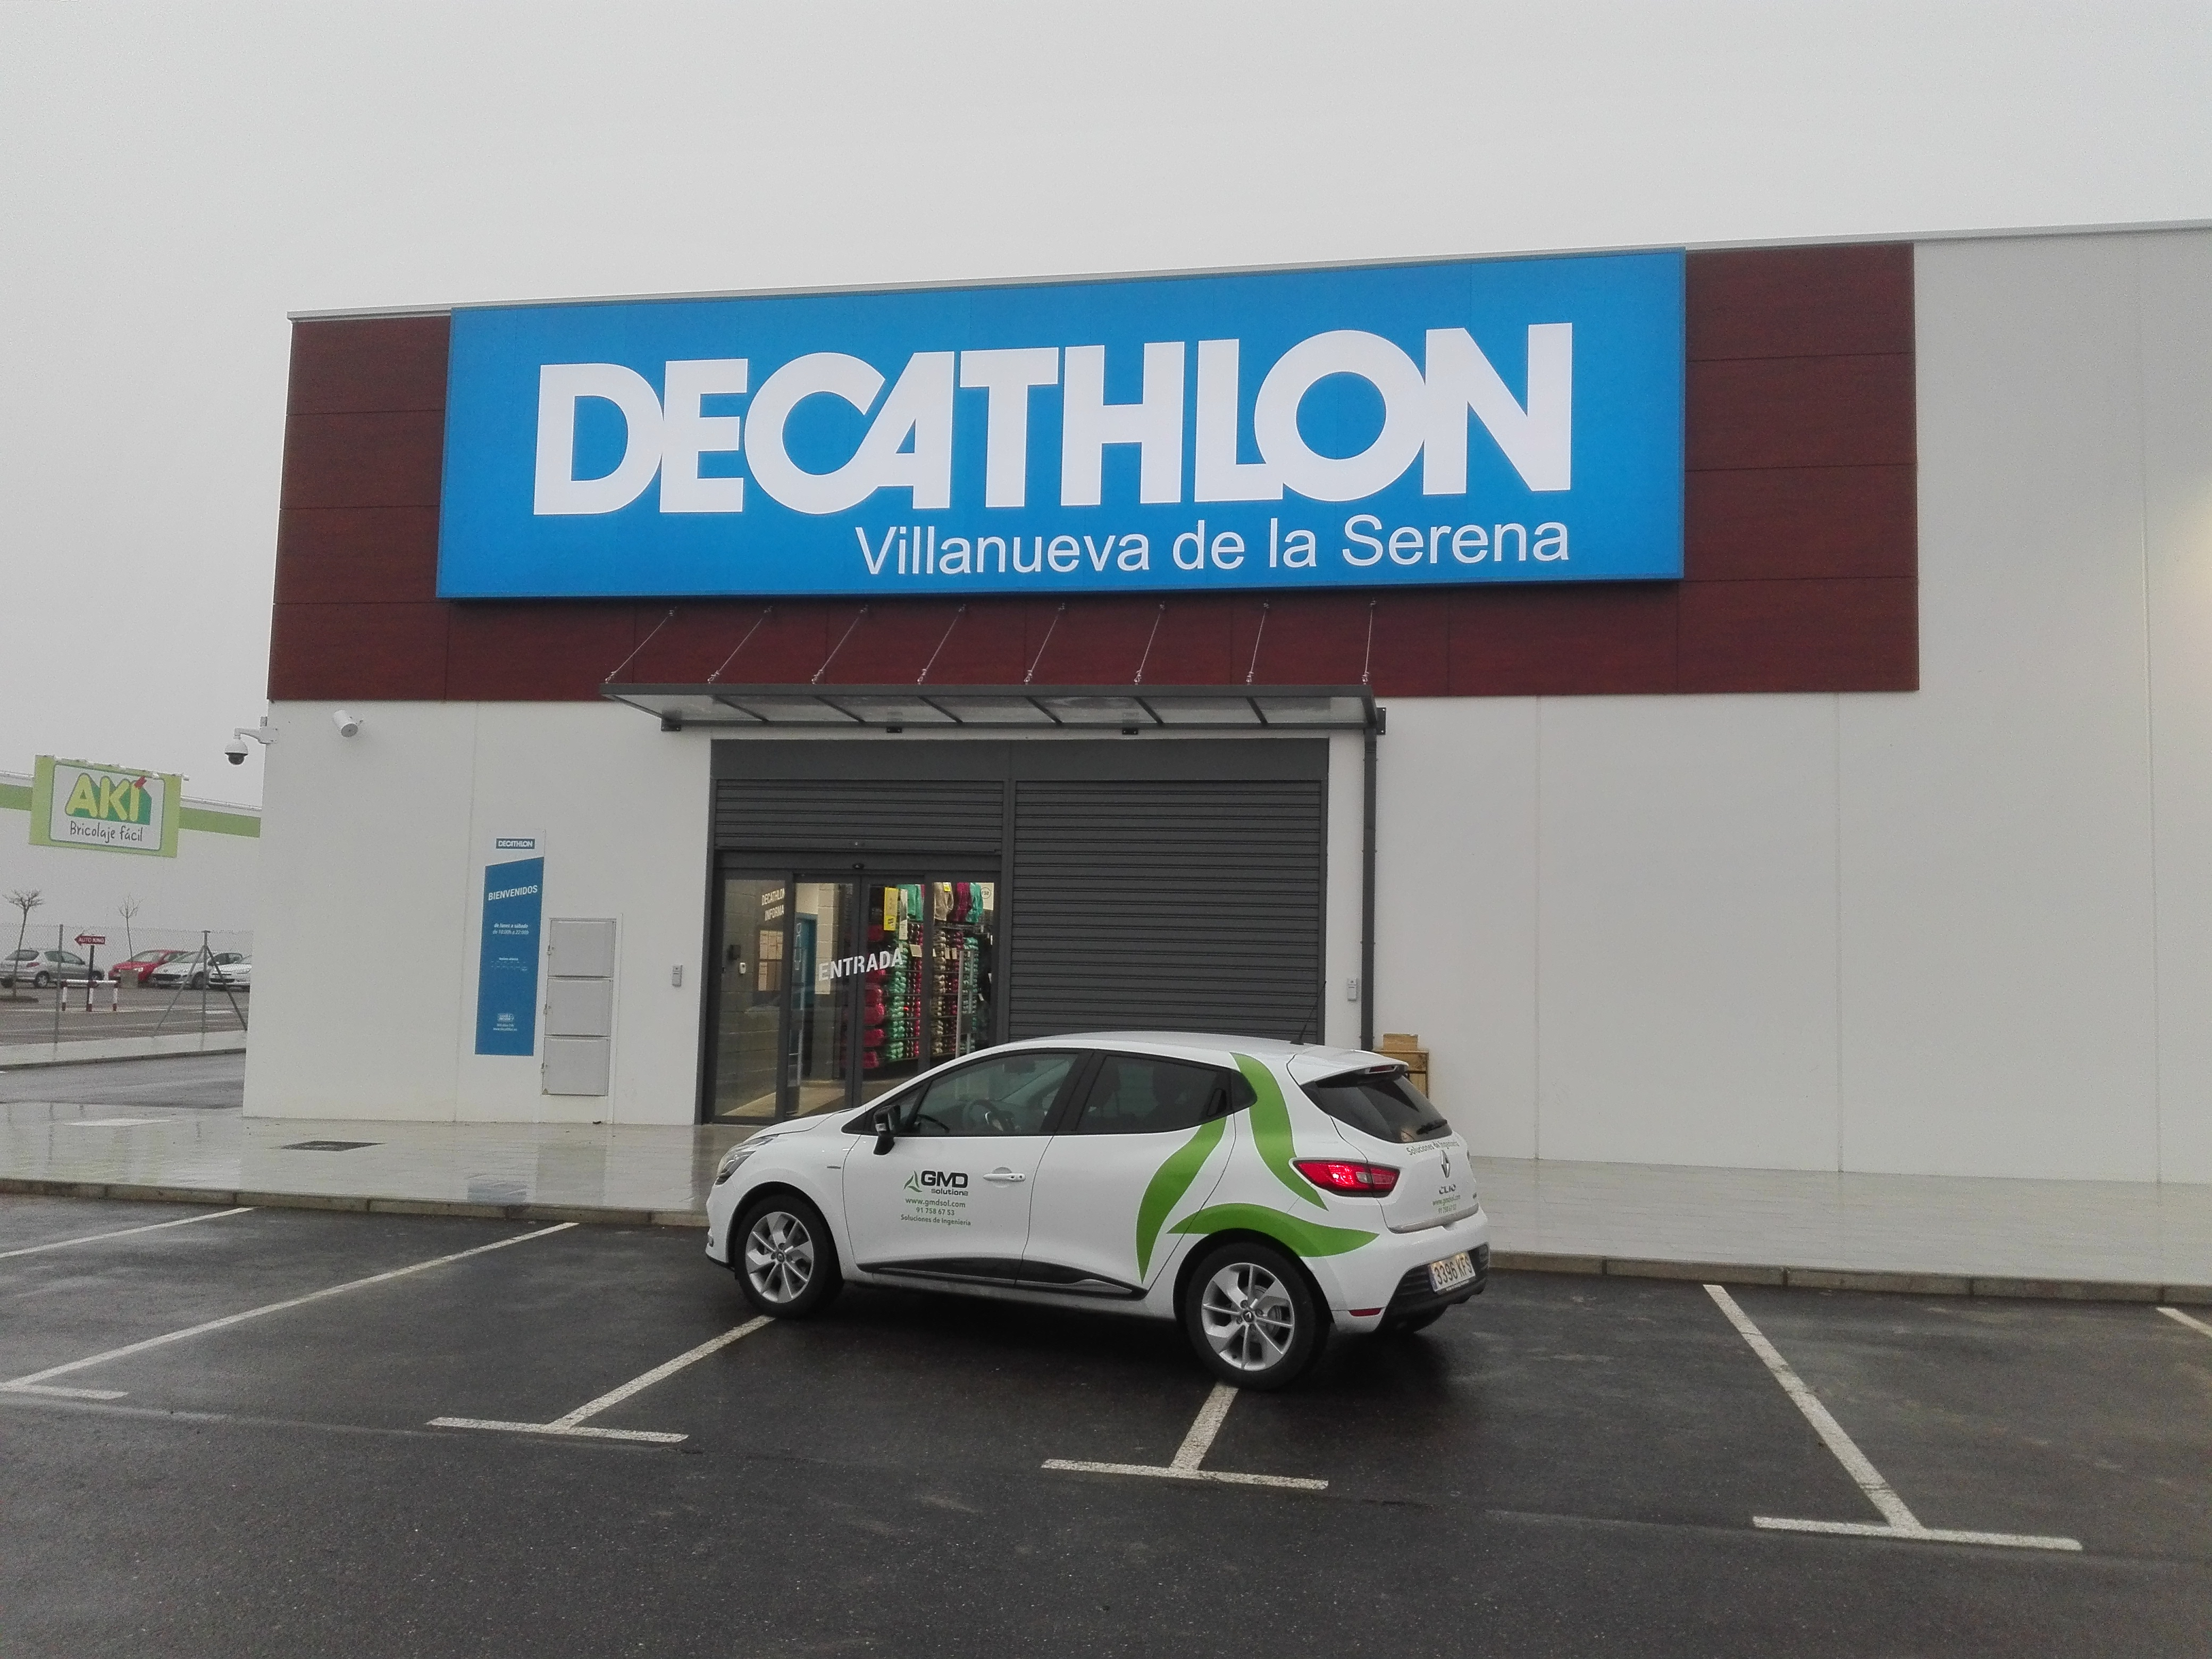 Decathlon Villanueva de la Serena